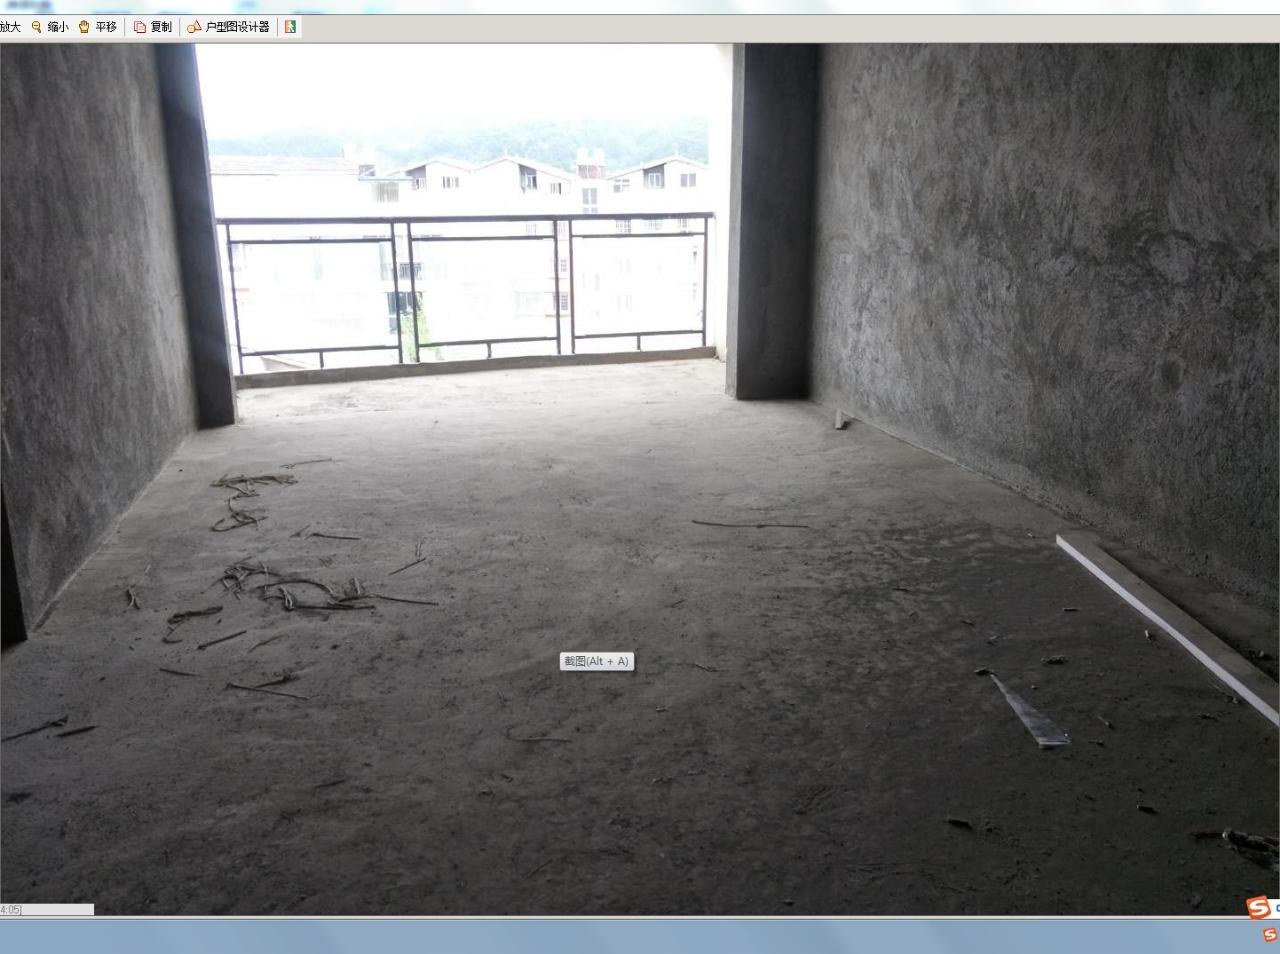 龙腾锦城3室 2厅 2卫68.08万元